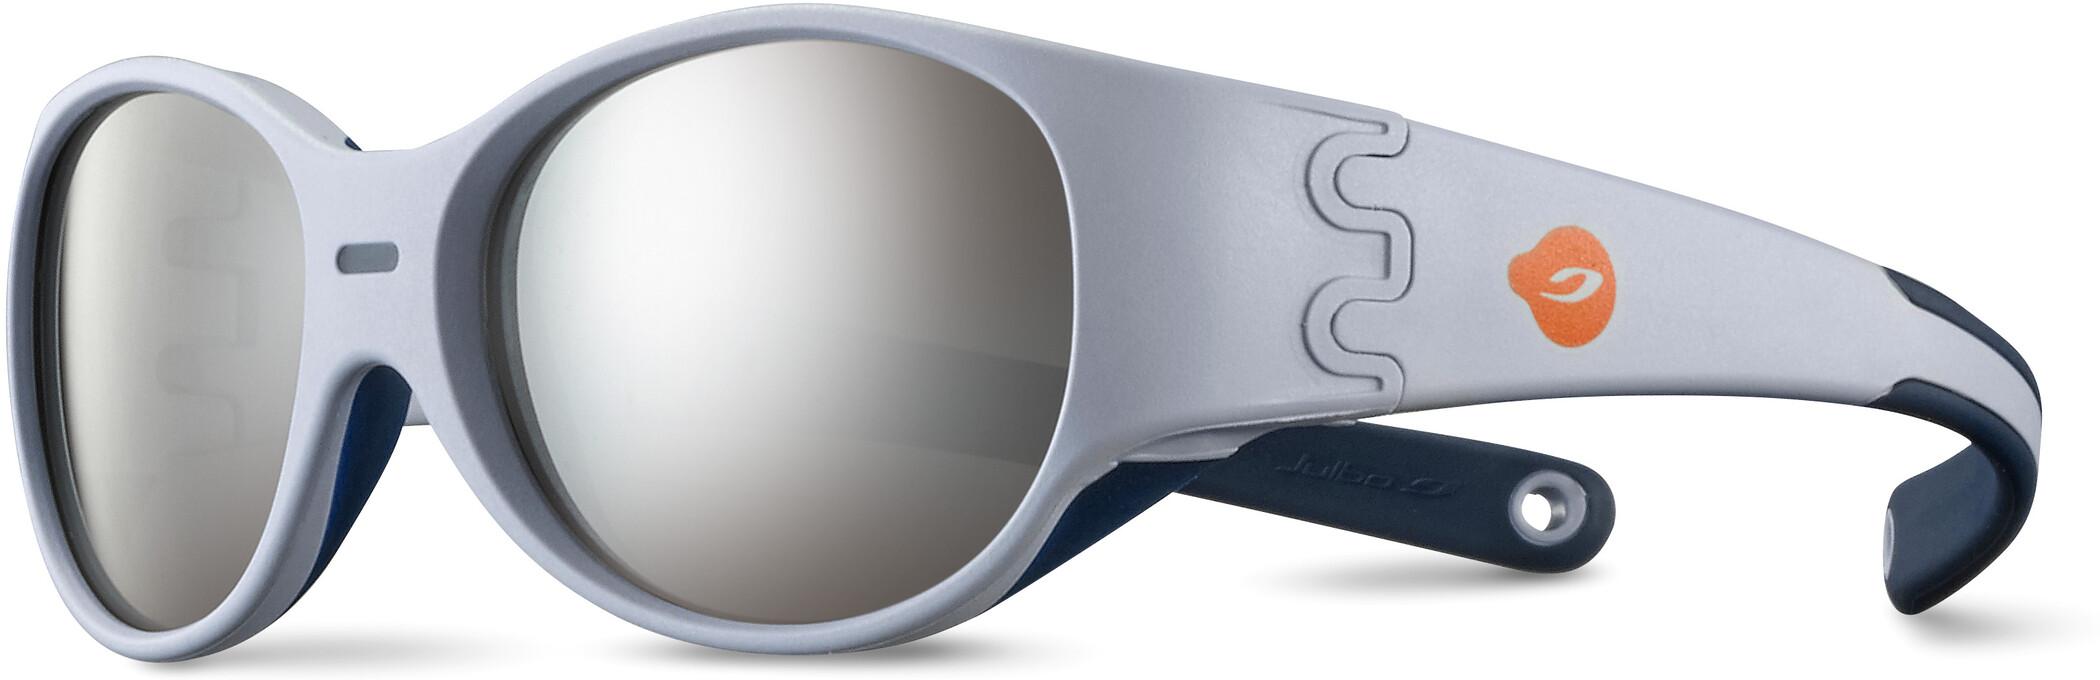 Julbo Domino Spectron 4 Baby Solbriller Børn, blue lavender (2019) | Glasses